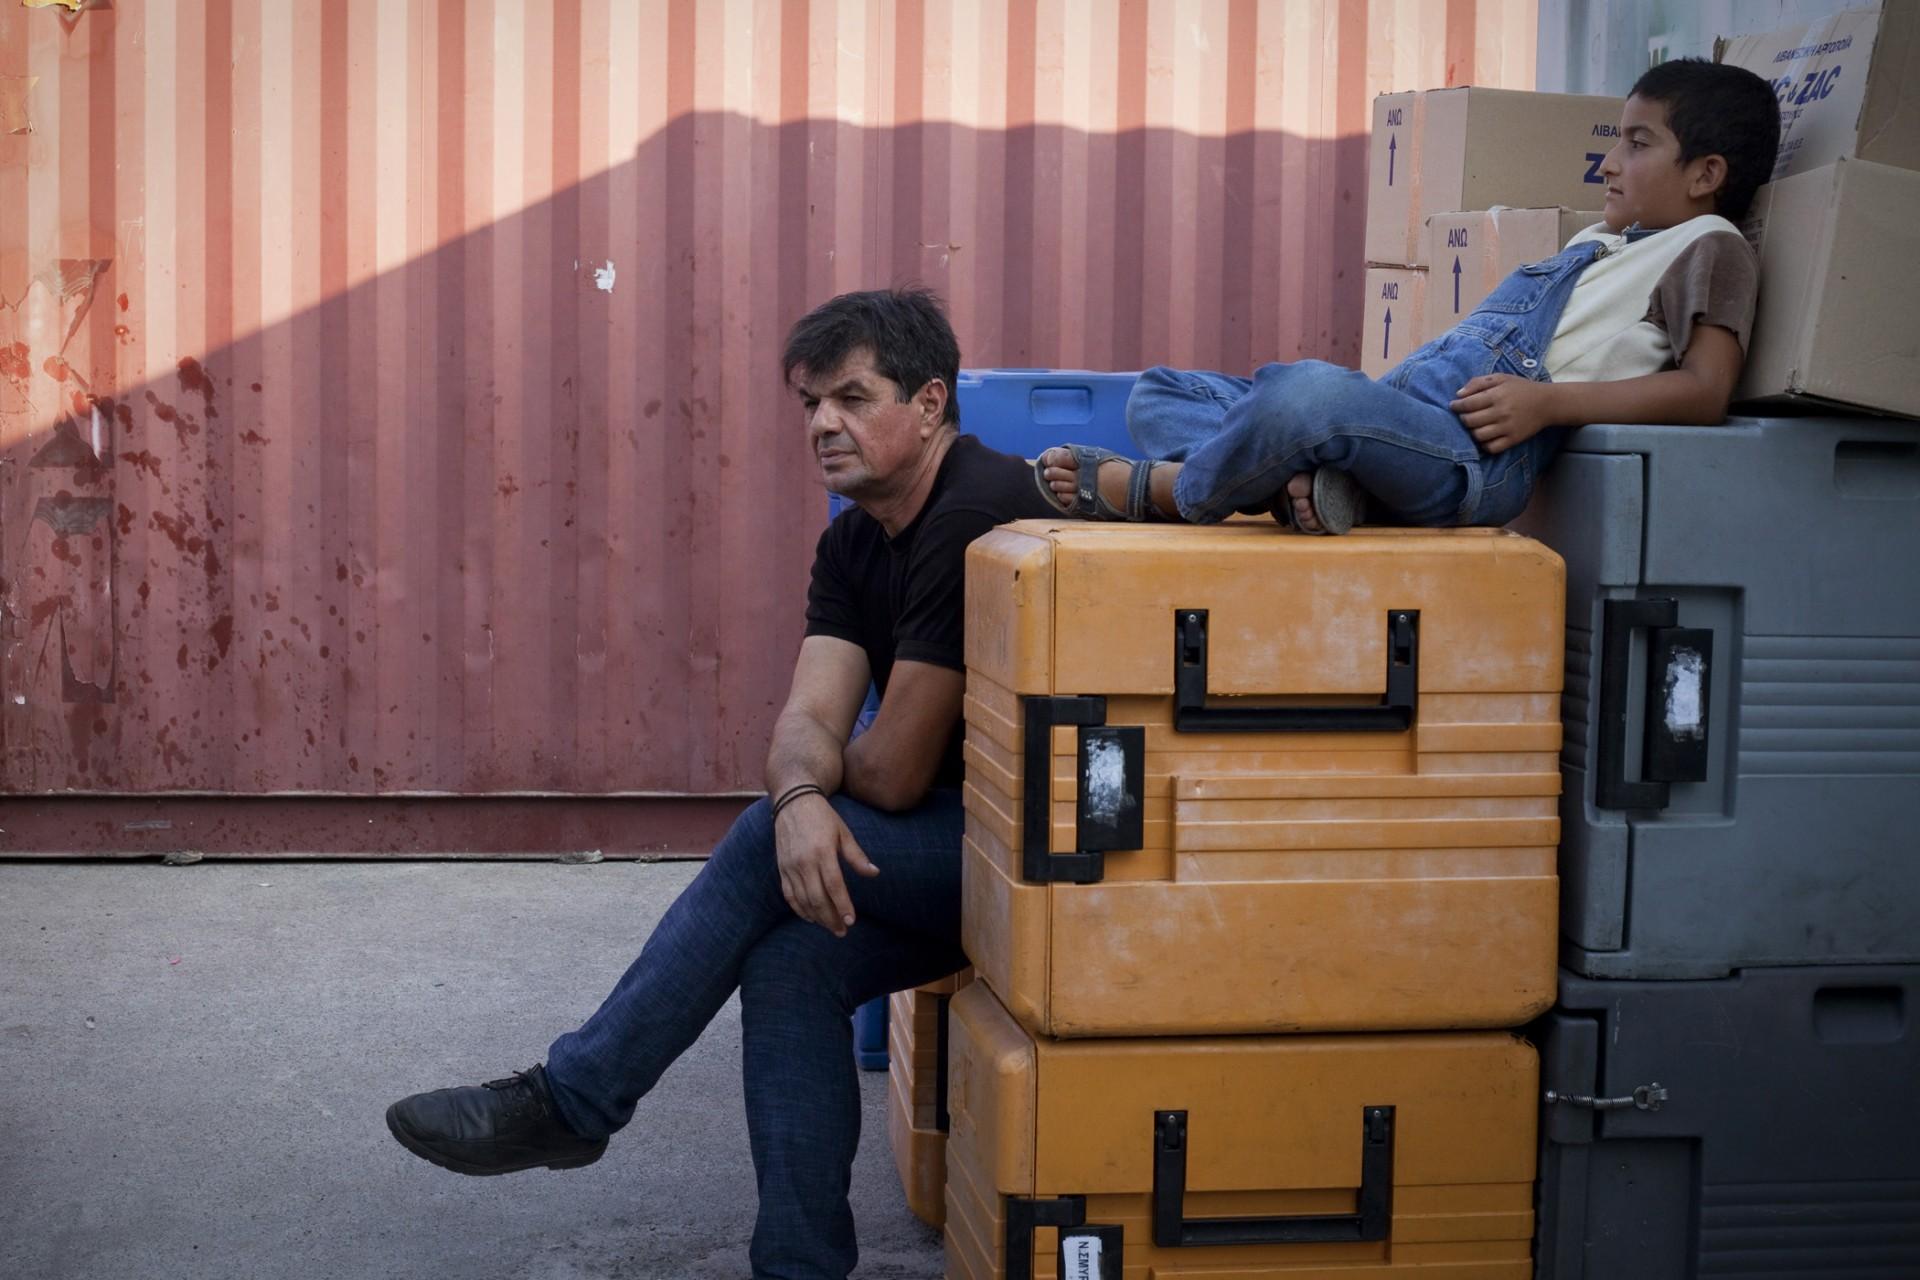 Un bénévole grec et un enfant migrant attendent à l'ombre le moment de commencer la distribution des repas.